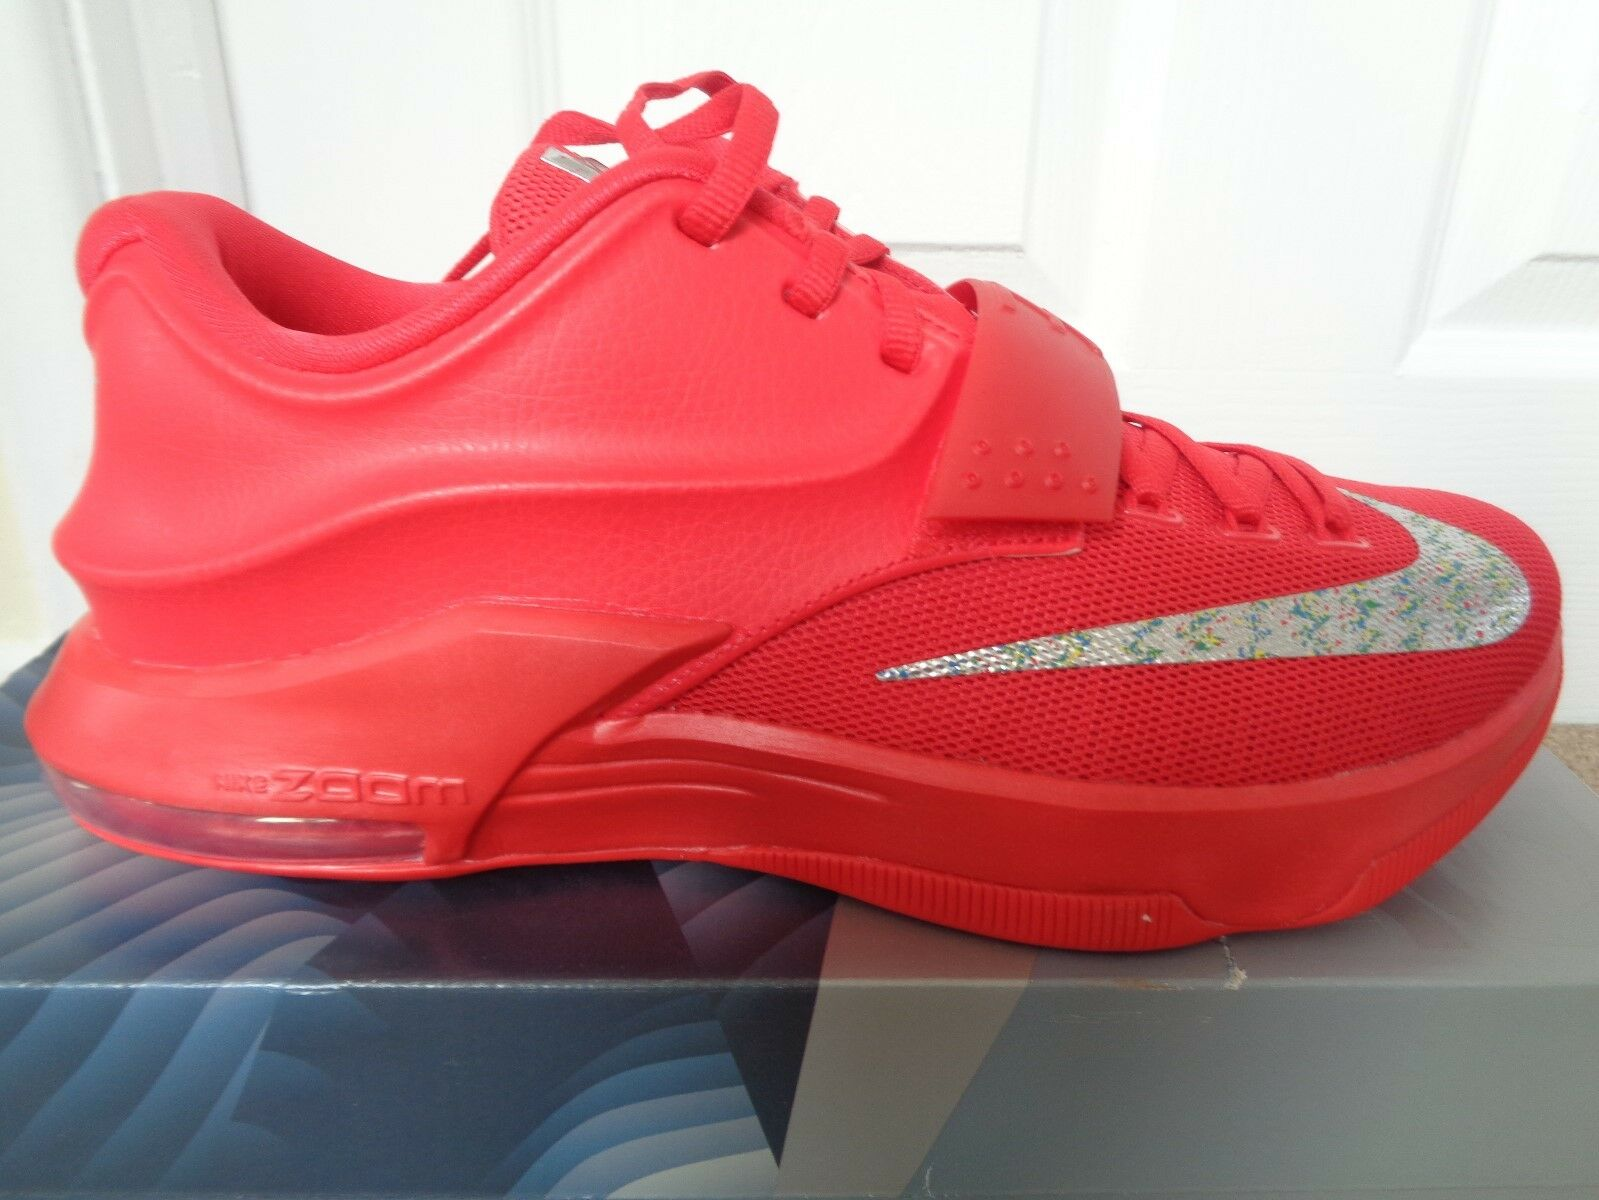 Nike kd vii scarpe formatori scarpe 653996 660 ue 42 nuovi   box